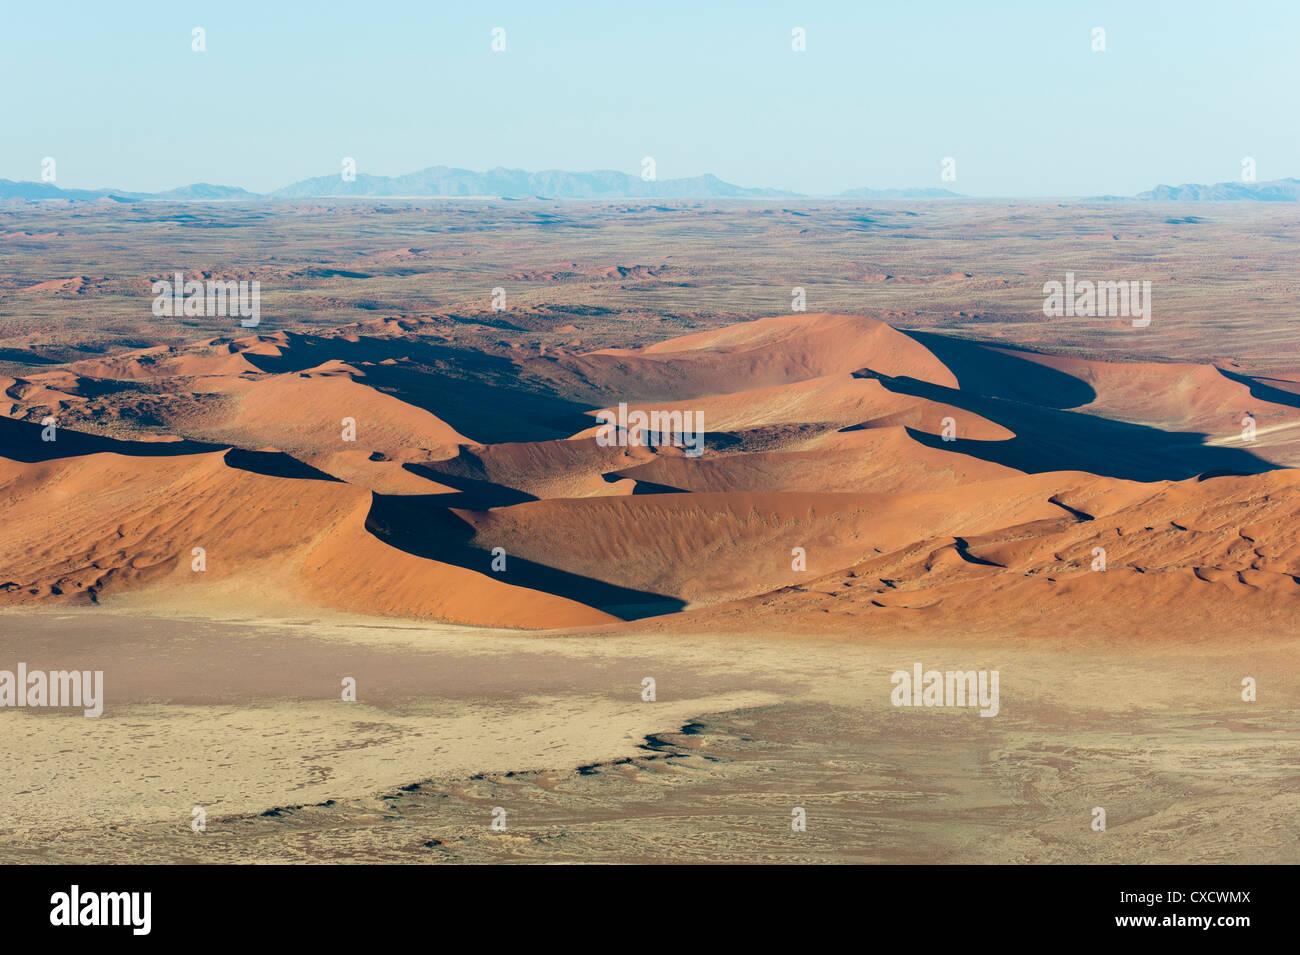 Vue aérienne, Namib Naukluft Park, Désert du Namib, Namibie, Afrique Photo Stock